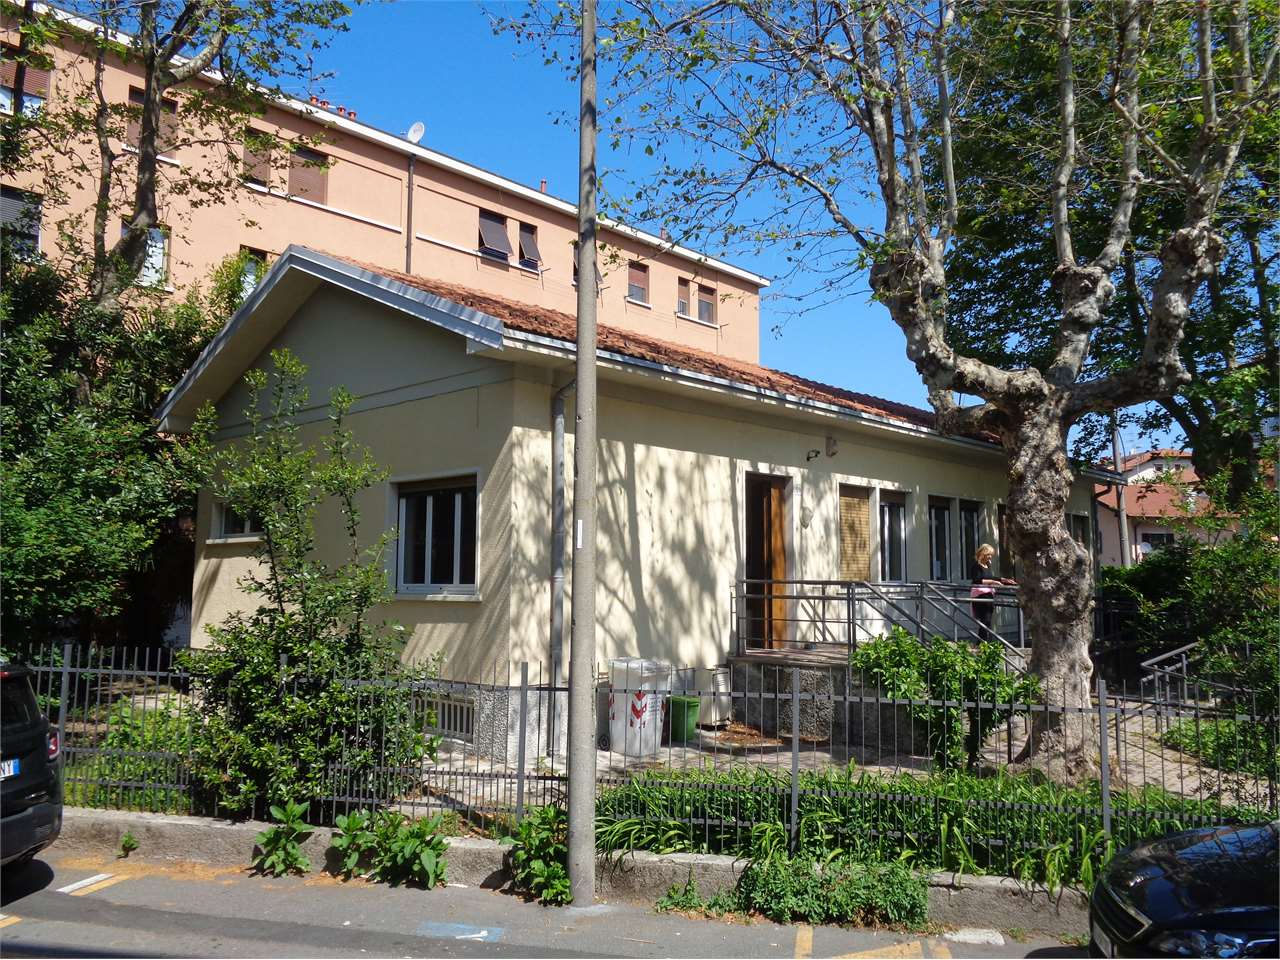 Villa in vendita a Varese, 9999 locali, zona Località: Ospedale, prezzo € 290.000 | CambioCasa.it